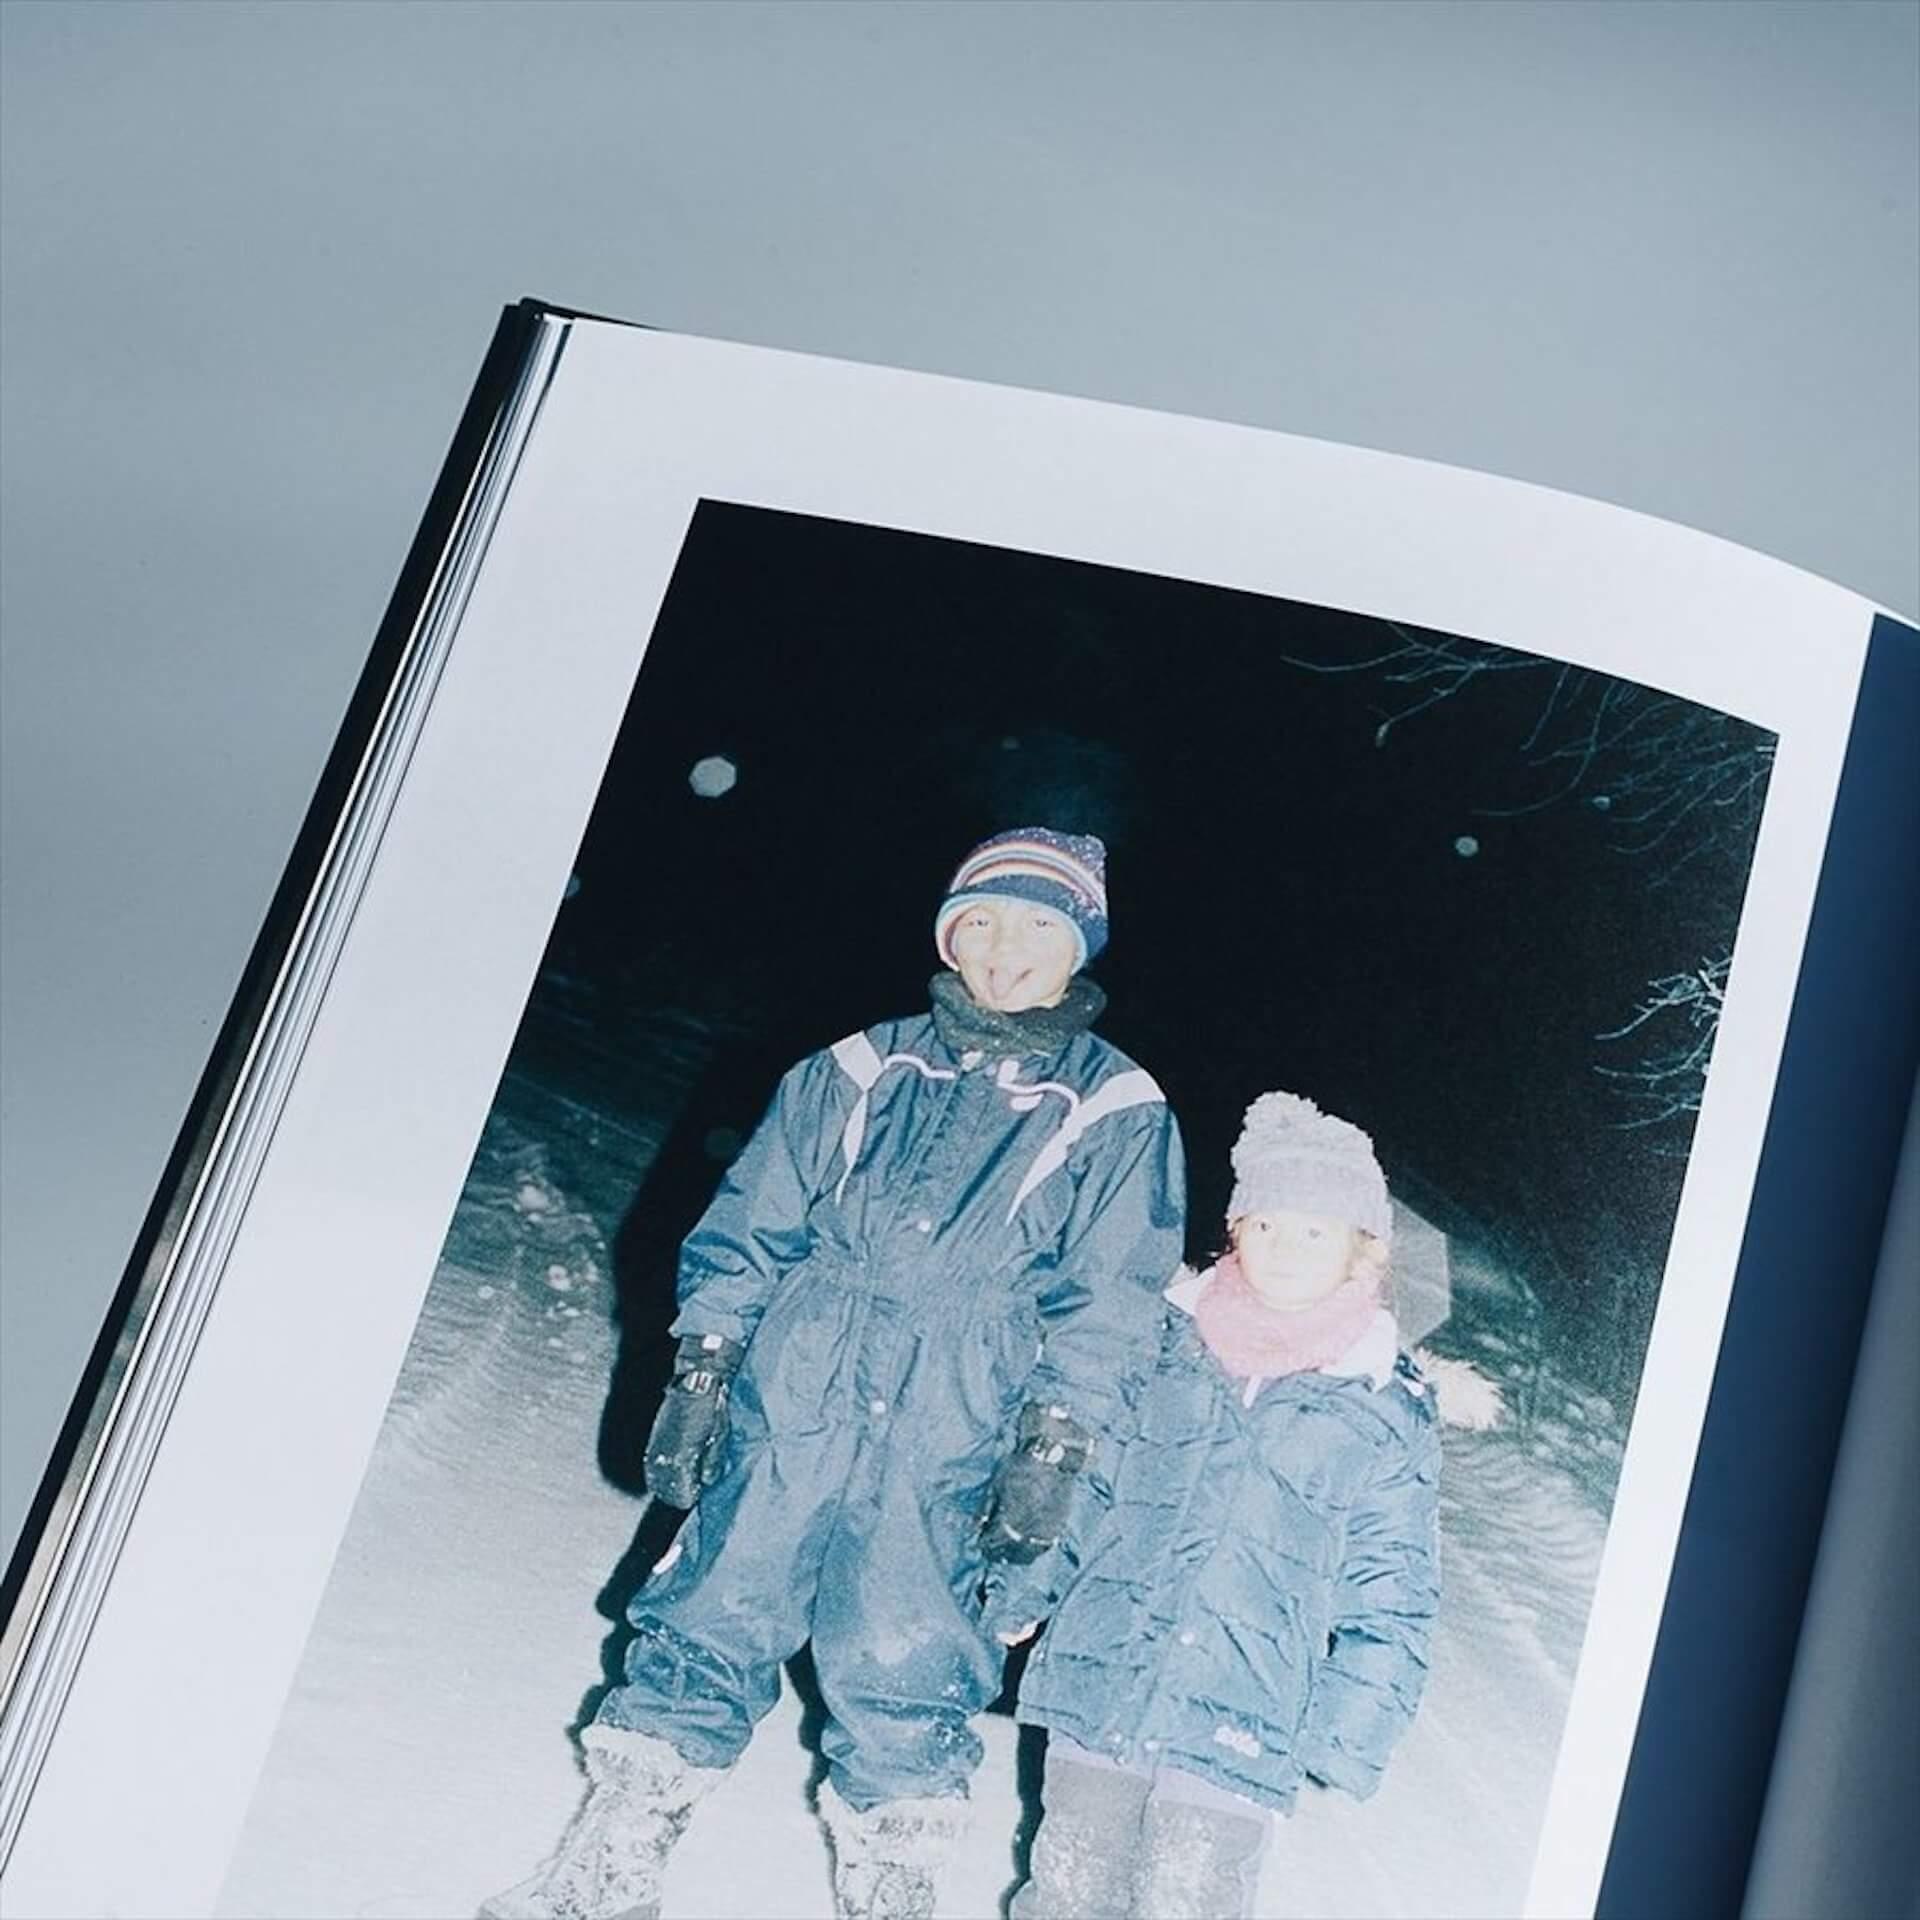 アートブックノススメ|Qetic編集部が選ぶ5冊/Roni Ahn 他 column210916_artbook-04